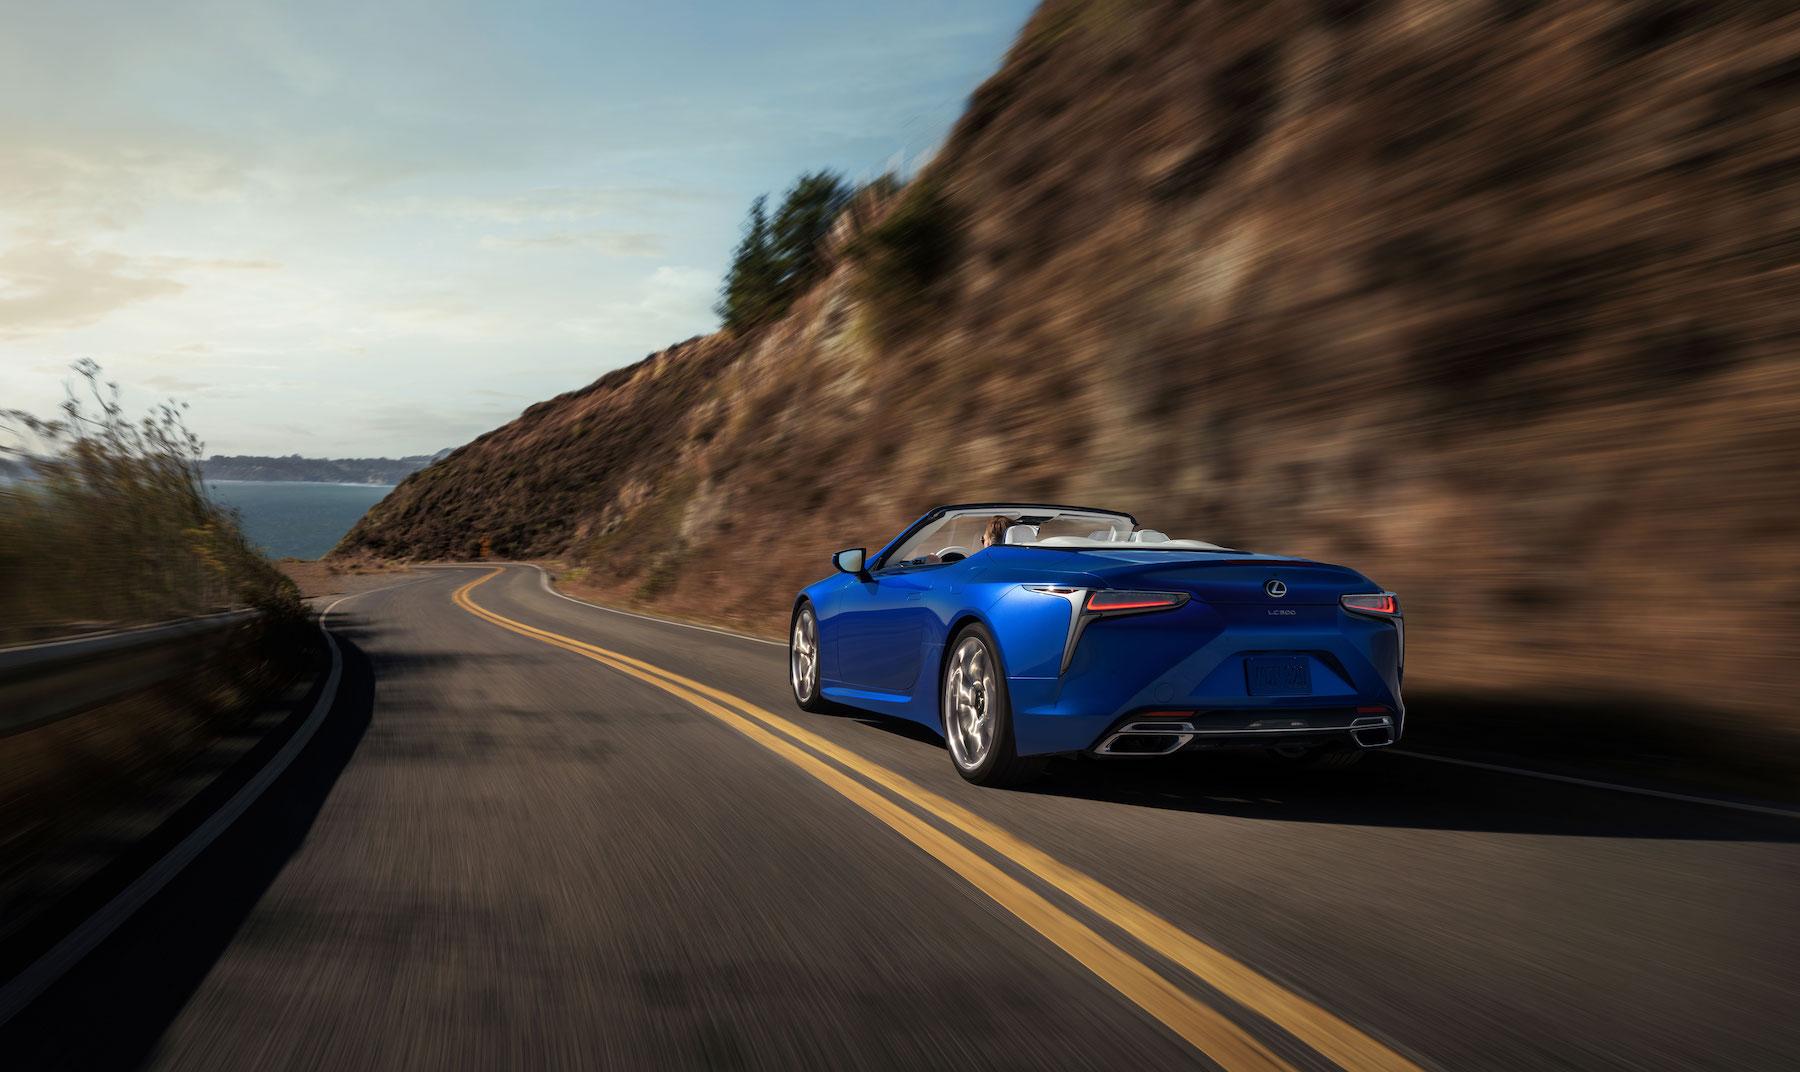 migliori auto cabrio: Lexus LC 500 Convertible